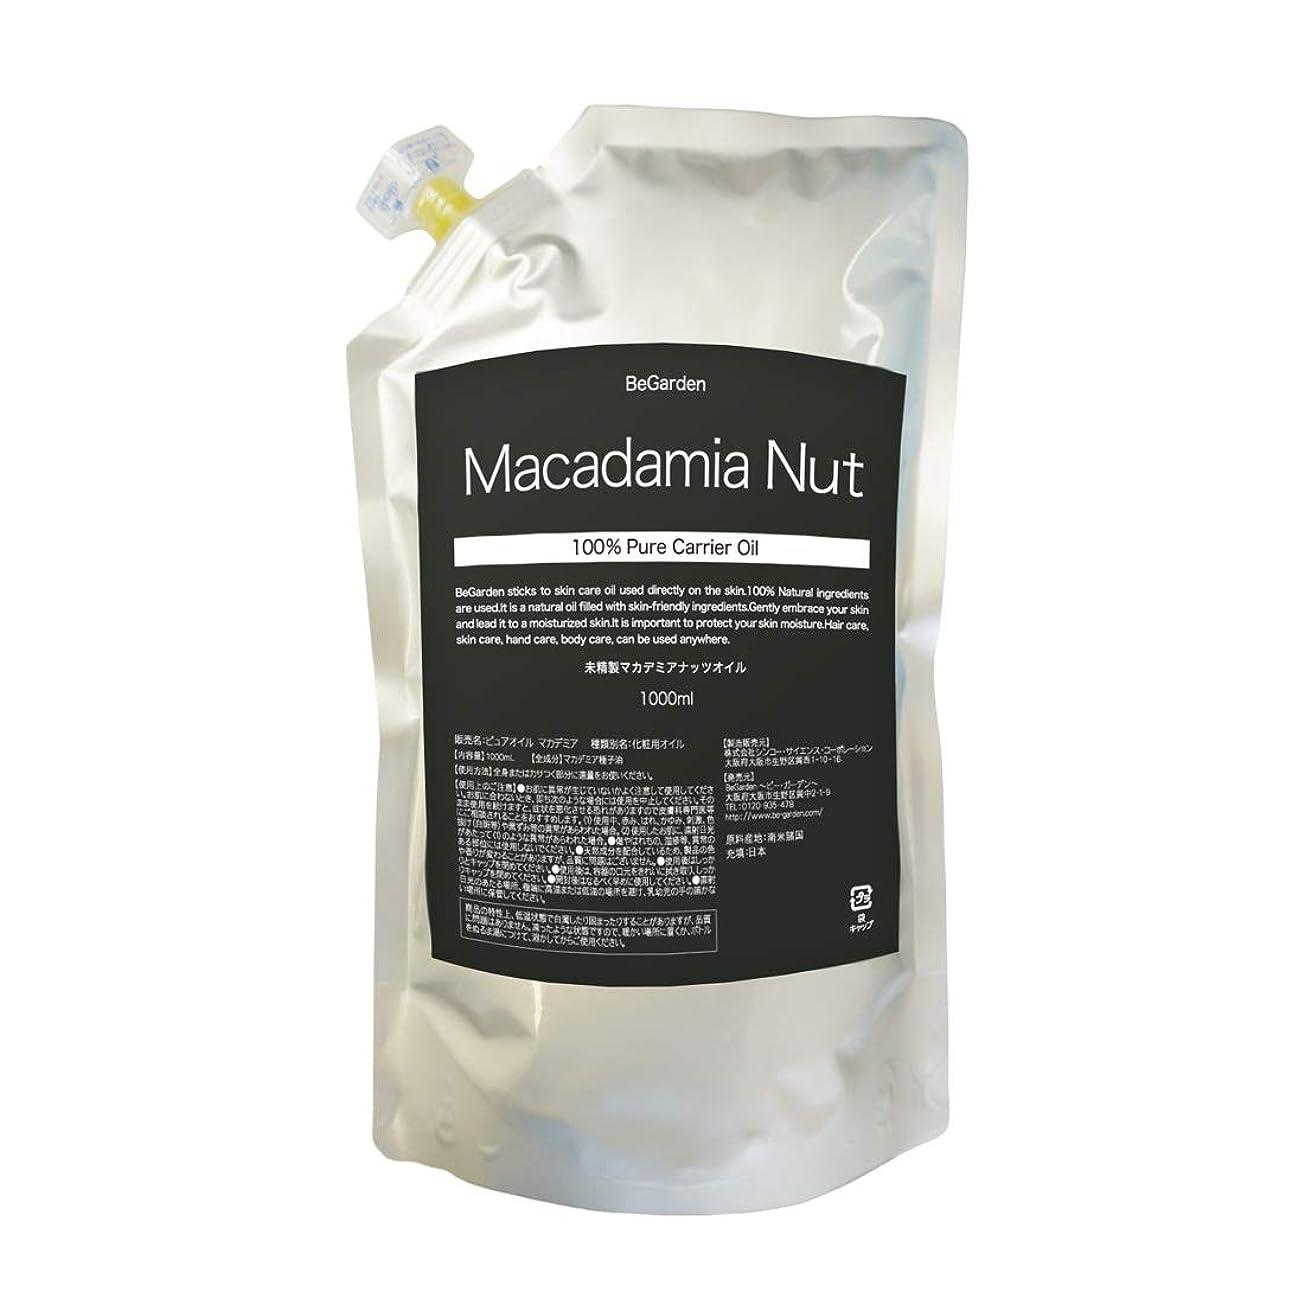 ずんぐりした運命的な巨大マカダミアナッツオイル